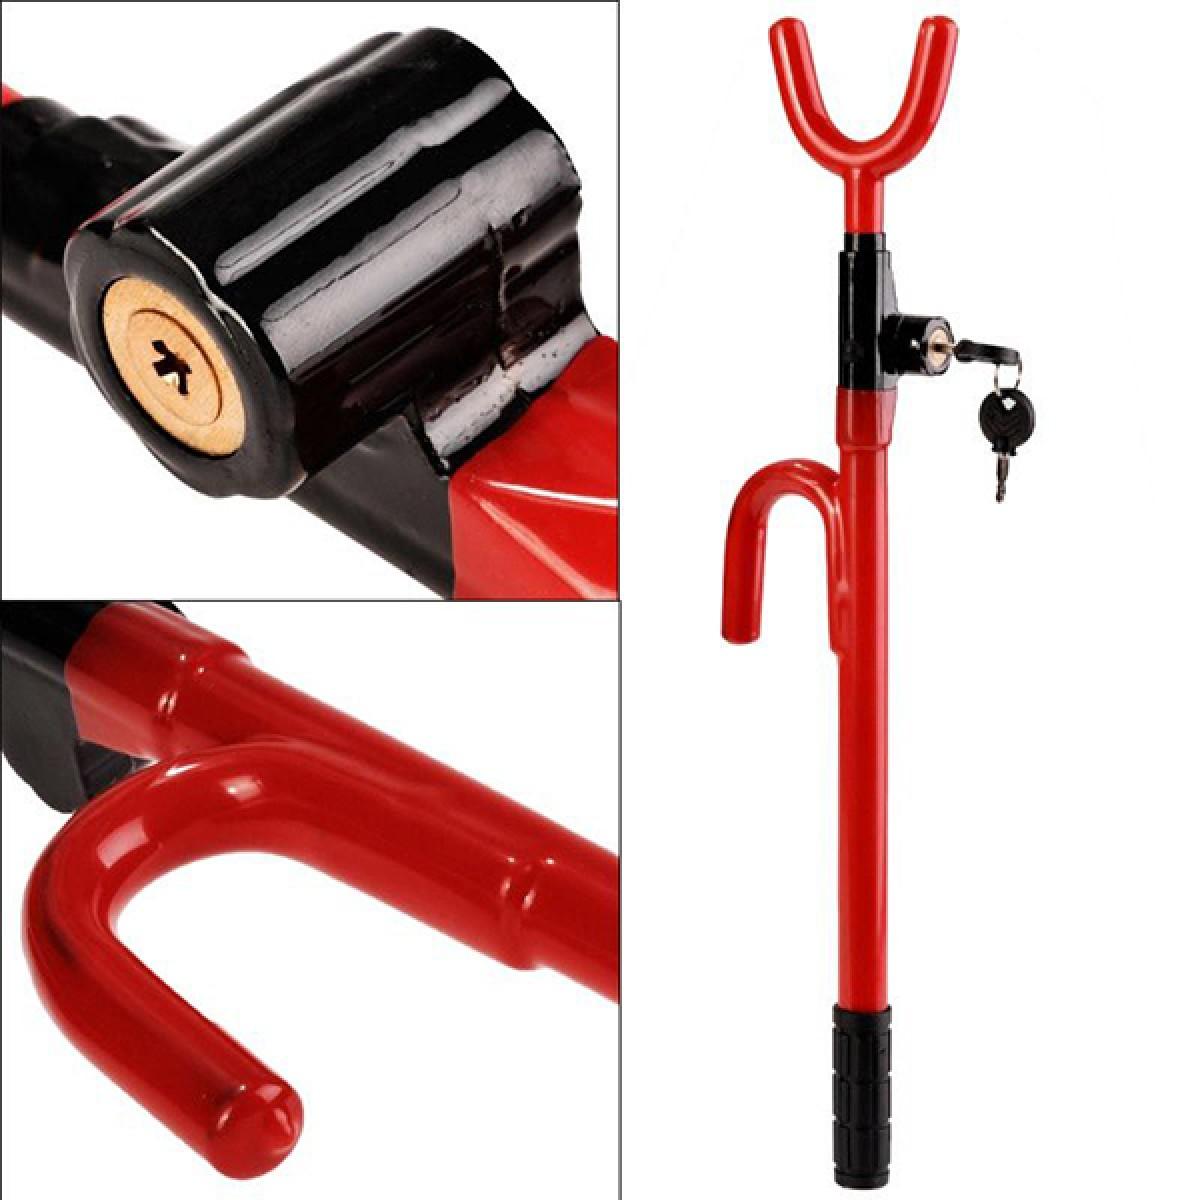 Αντικλεπτικό μπαστούνι - κλειδαριά τιμονιού αυτοκινήτου - OEM Steering Wheel Lock